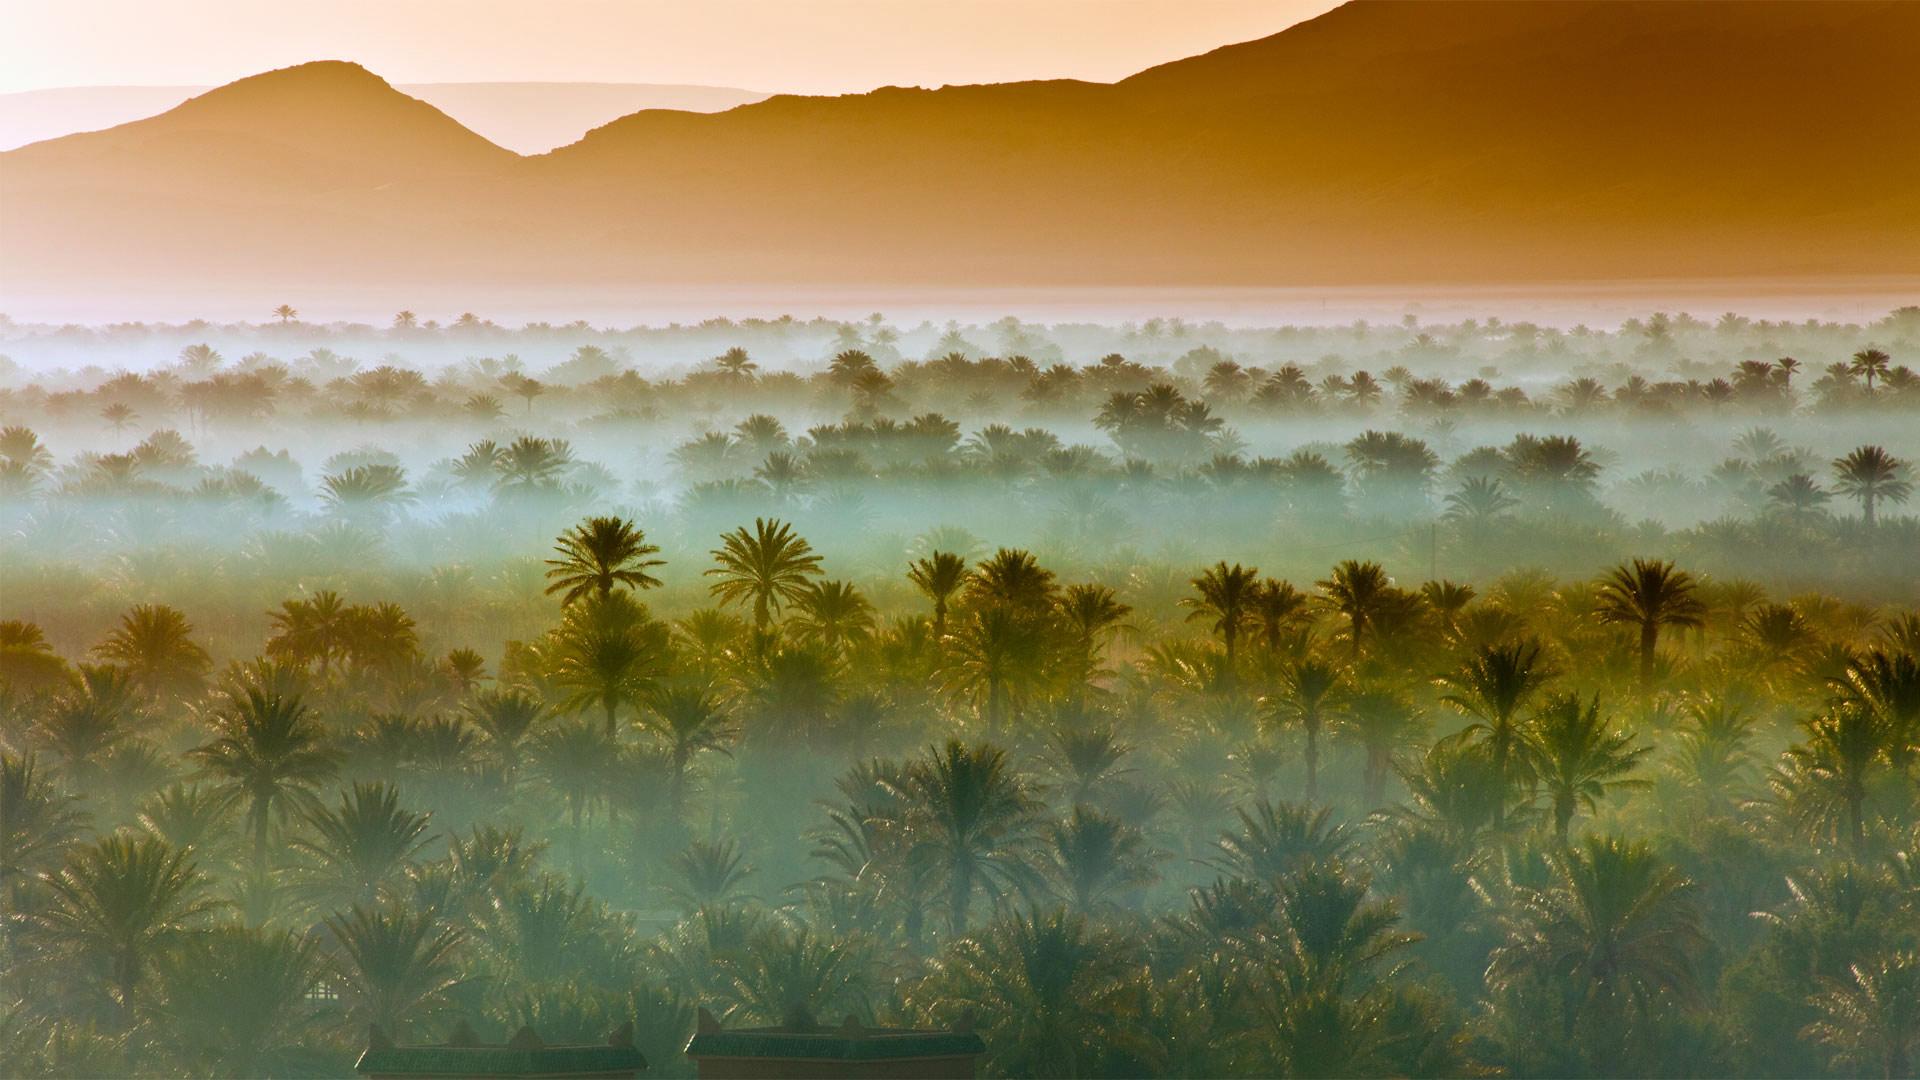 「ナツメヤシの森」モロッコ, ザゴラ (© Frans Lemmens/Getty Images)